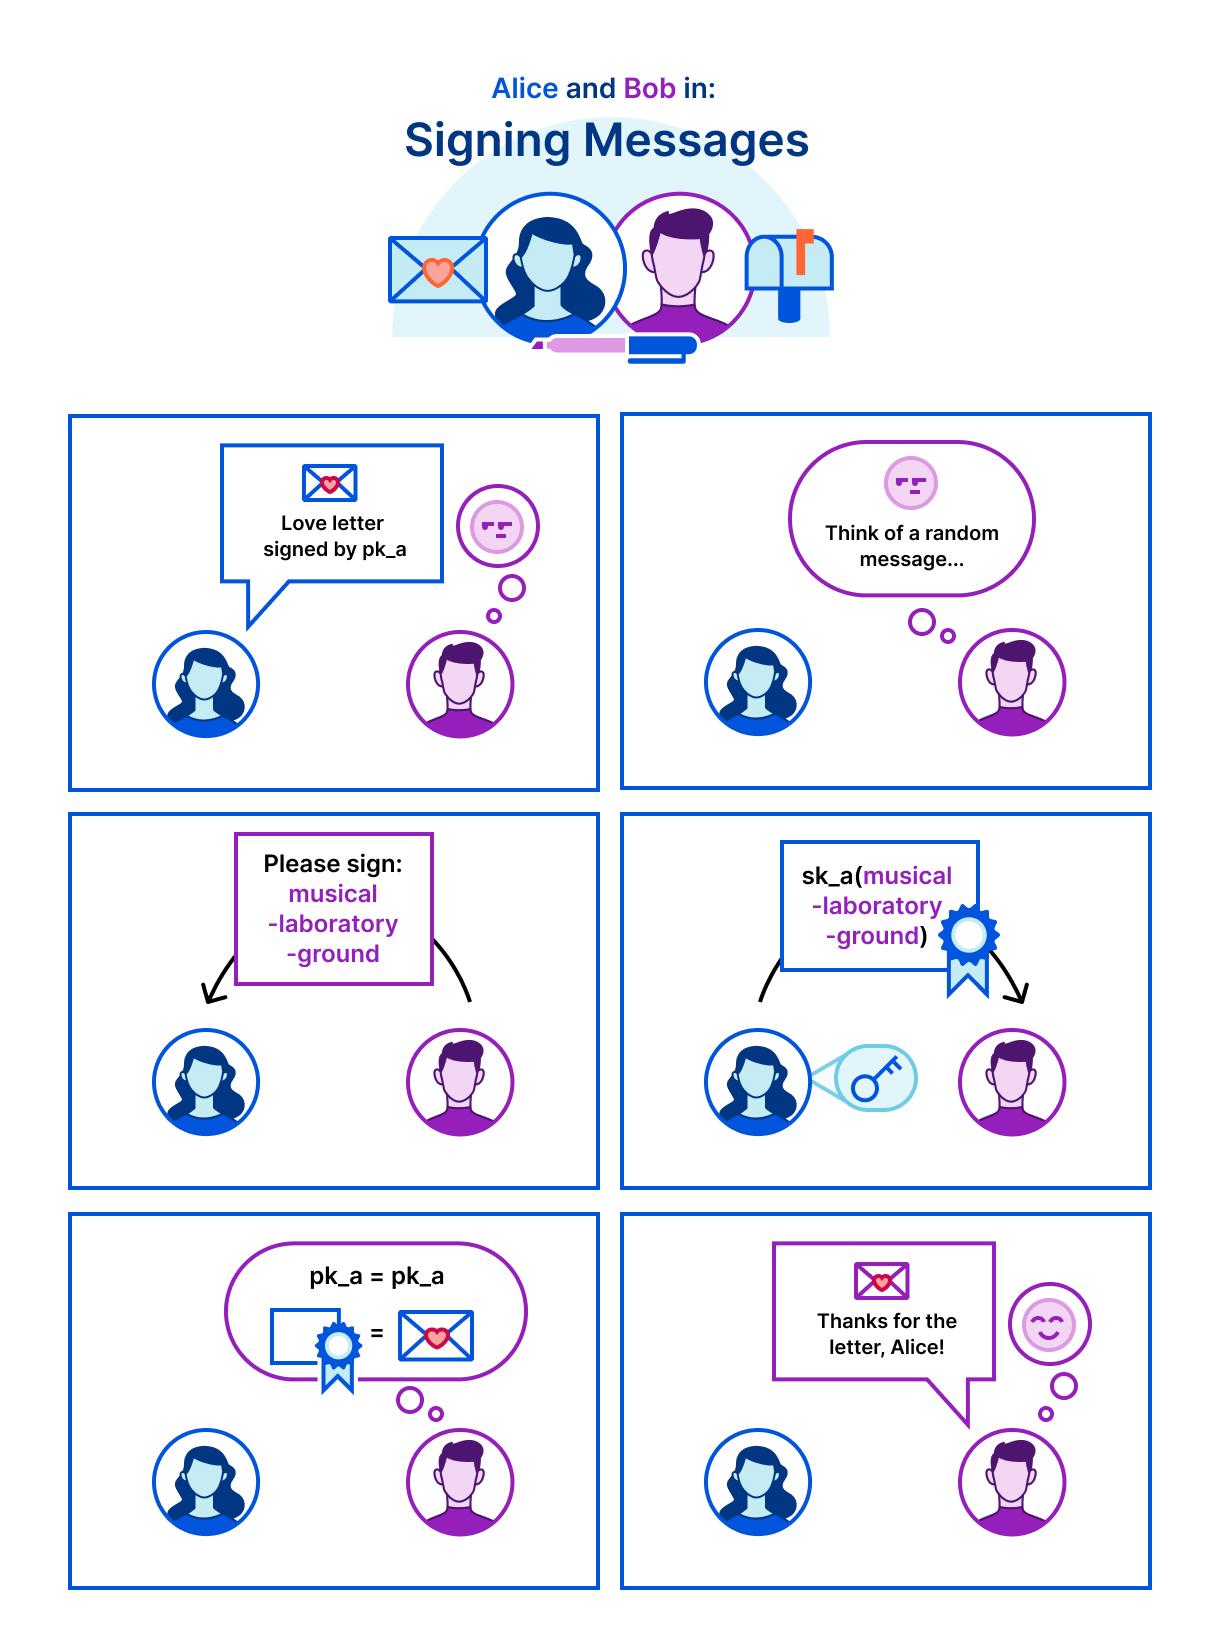 Иллюстрация криптографической системы на примере общения Алисы и Боба